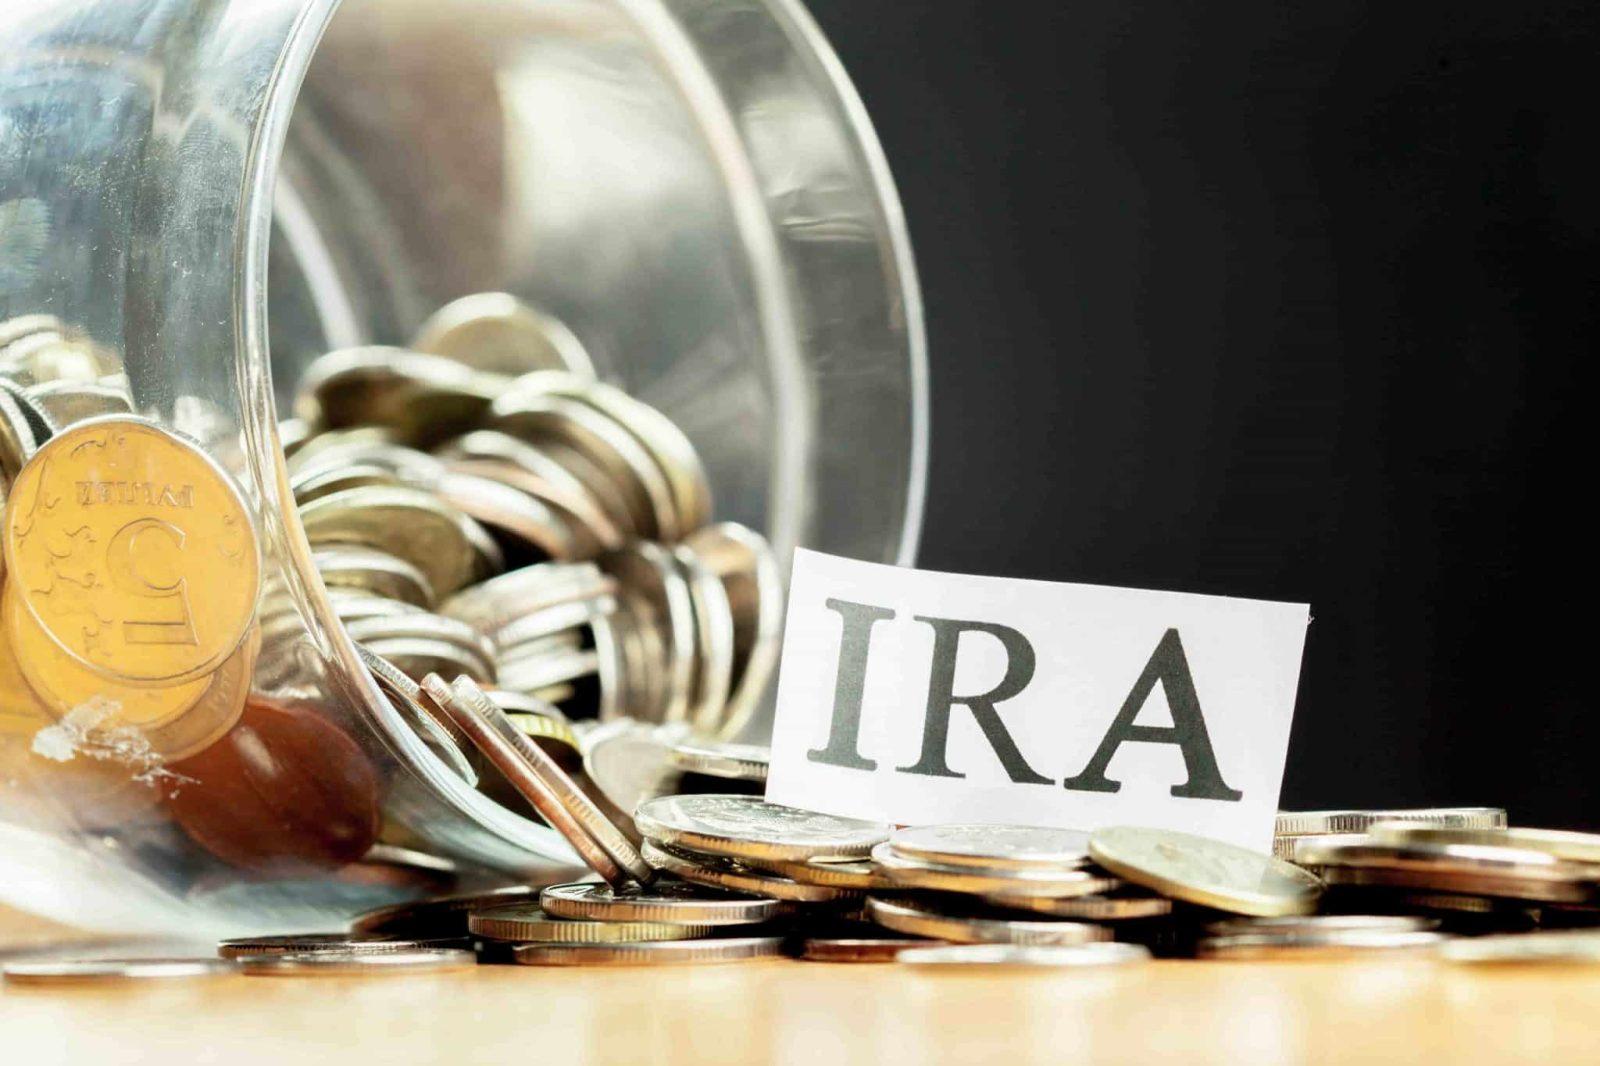 האם ניתן להפקיד לתיקון 190 בקופת גמל IRA